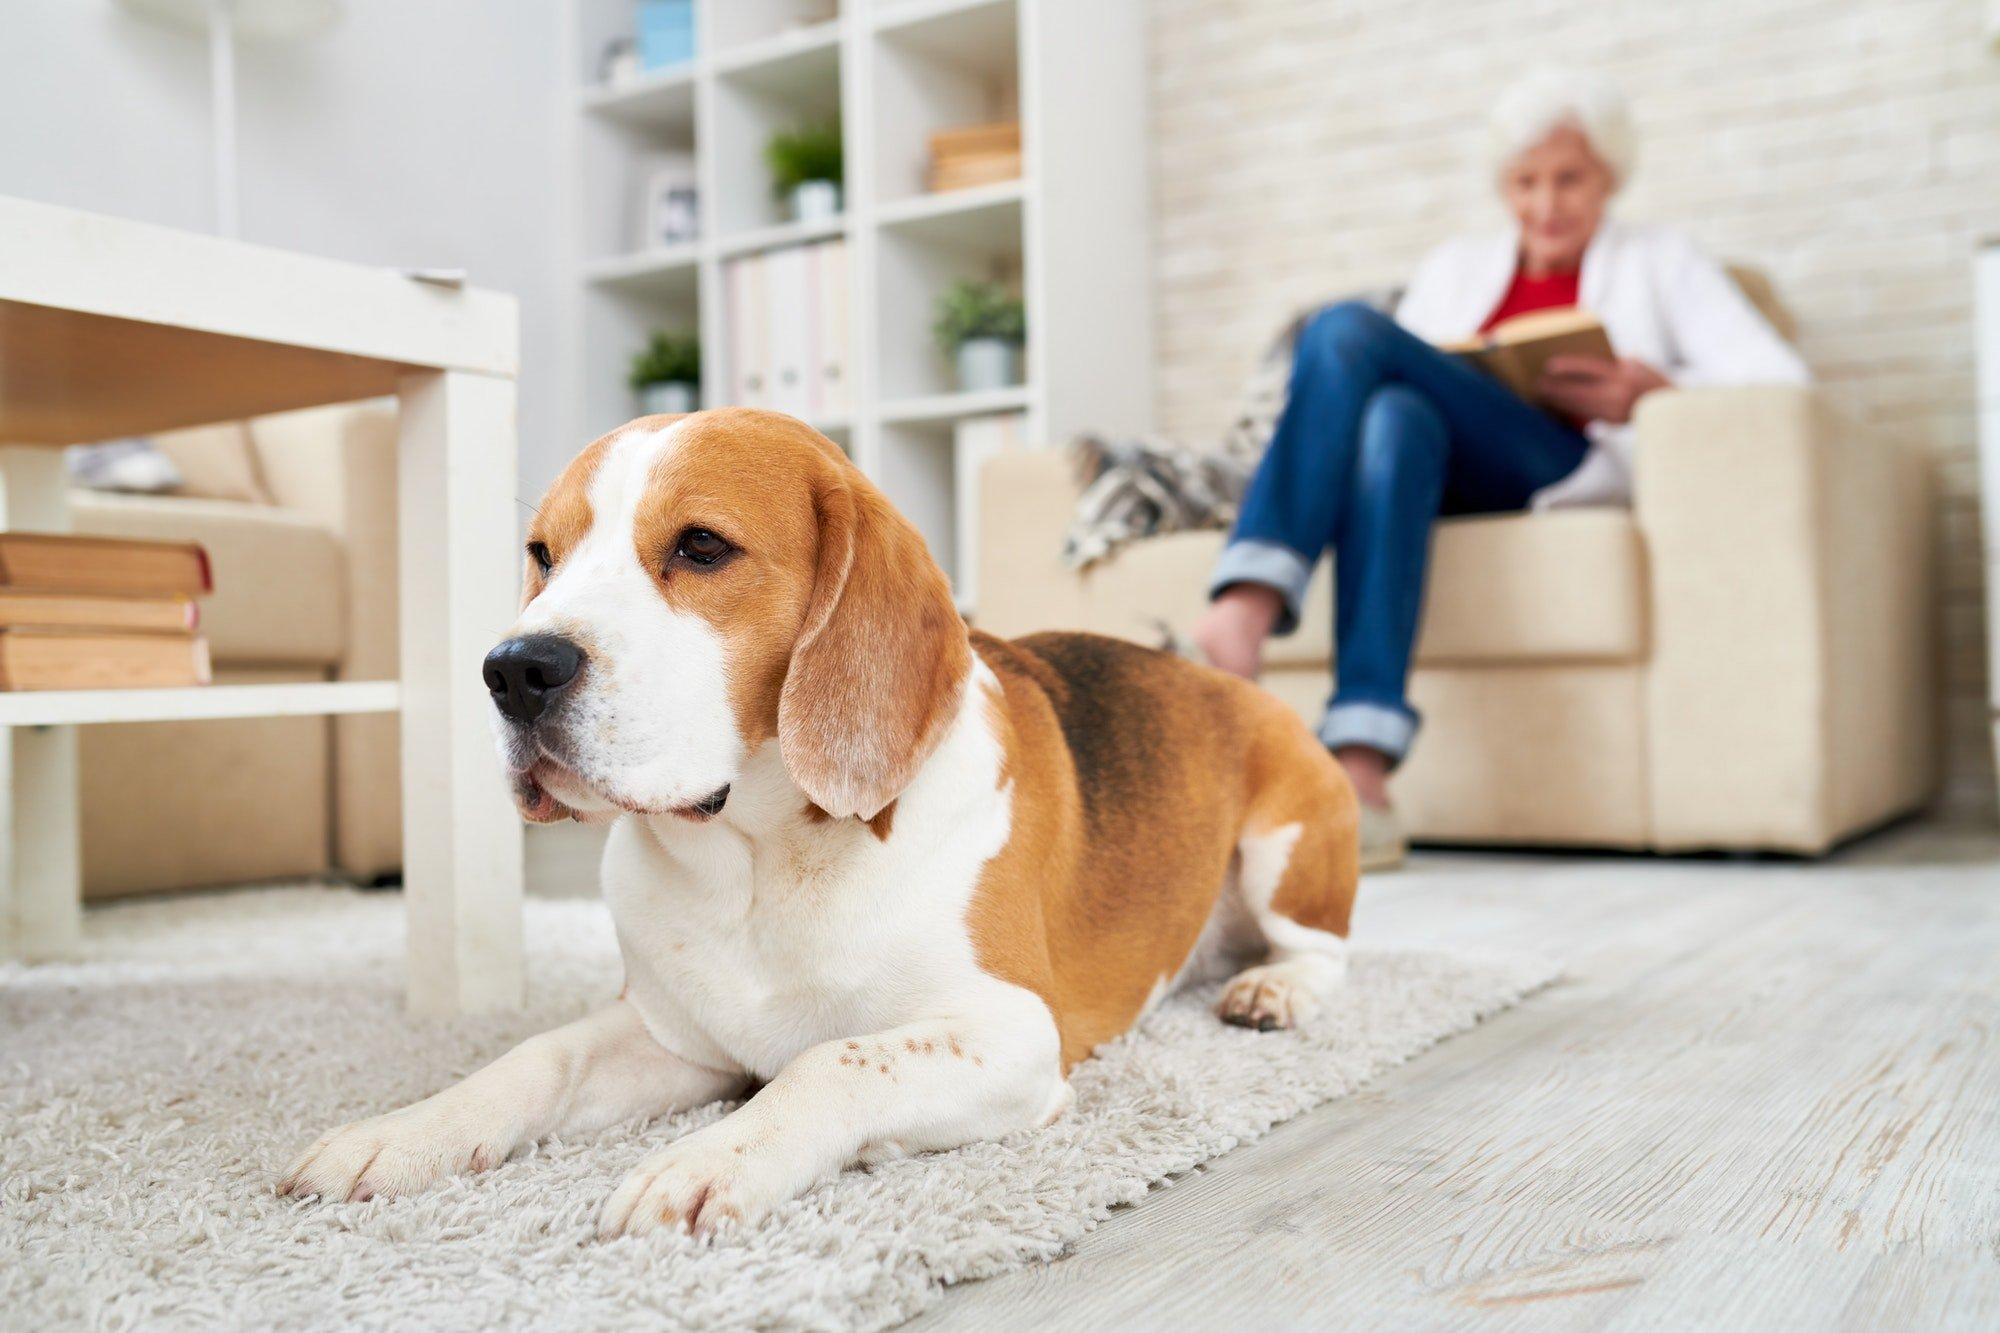 Depressed dog lying on carpet